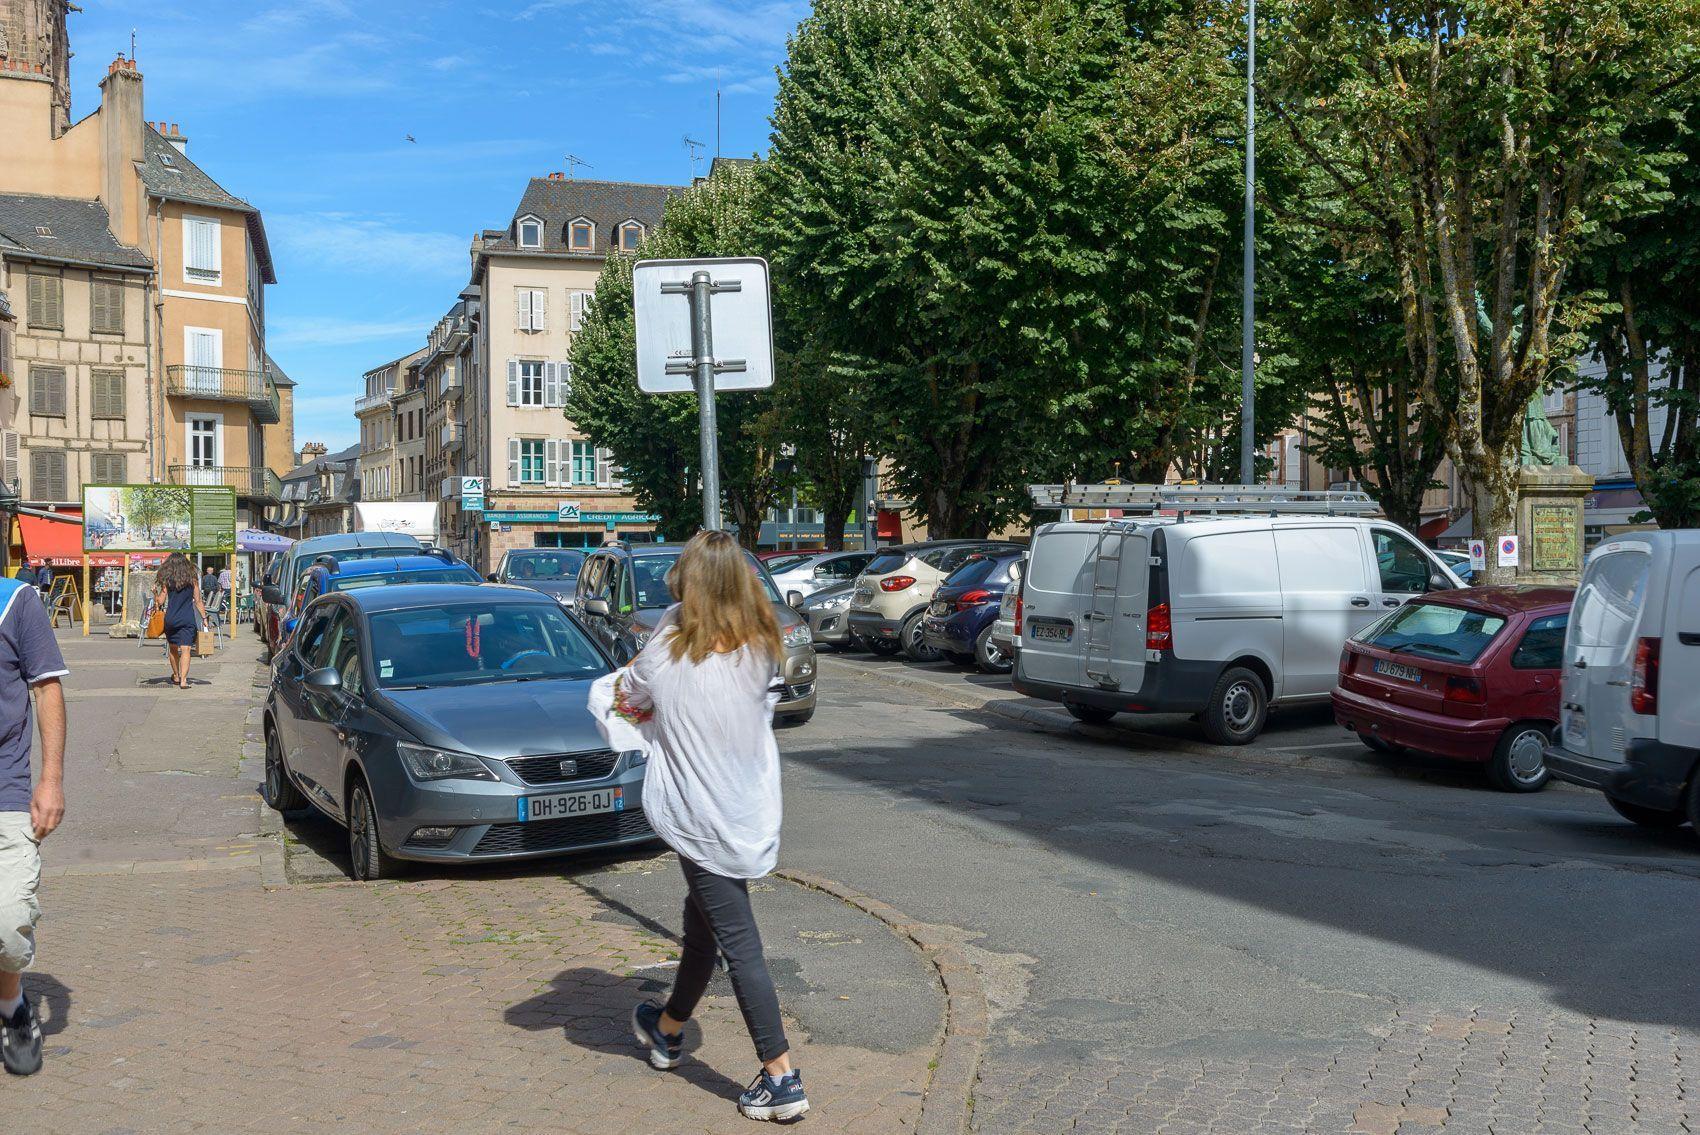 H7-Rodez-place-de-la-cité--11-juillet-2019--CA1_3642